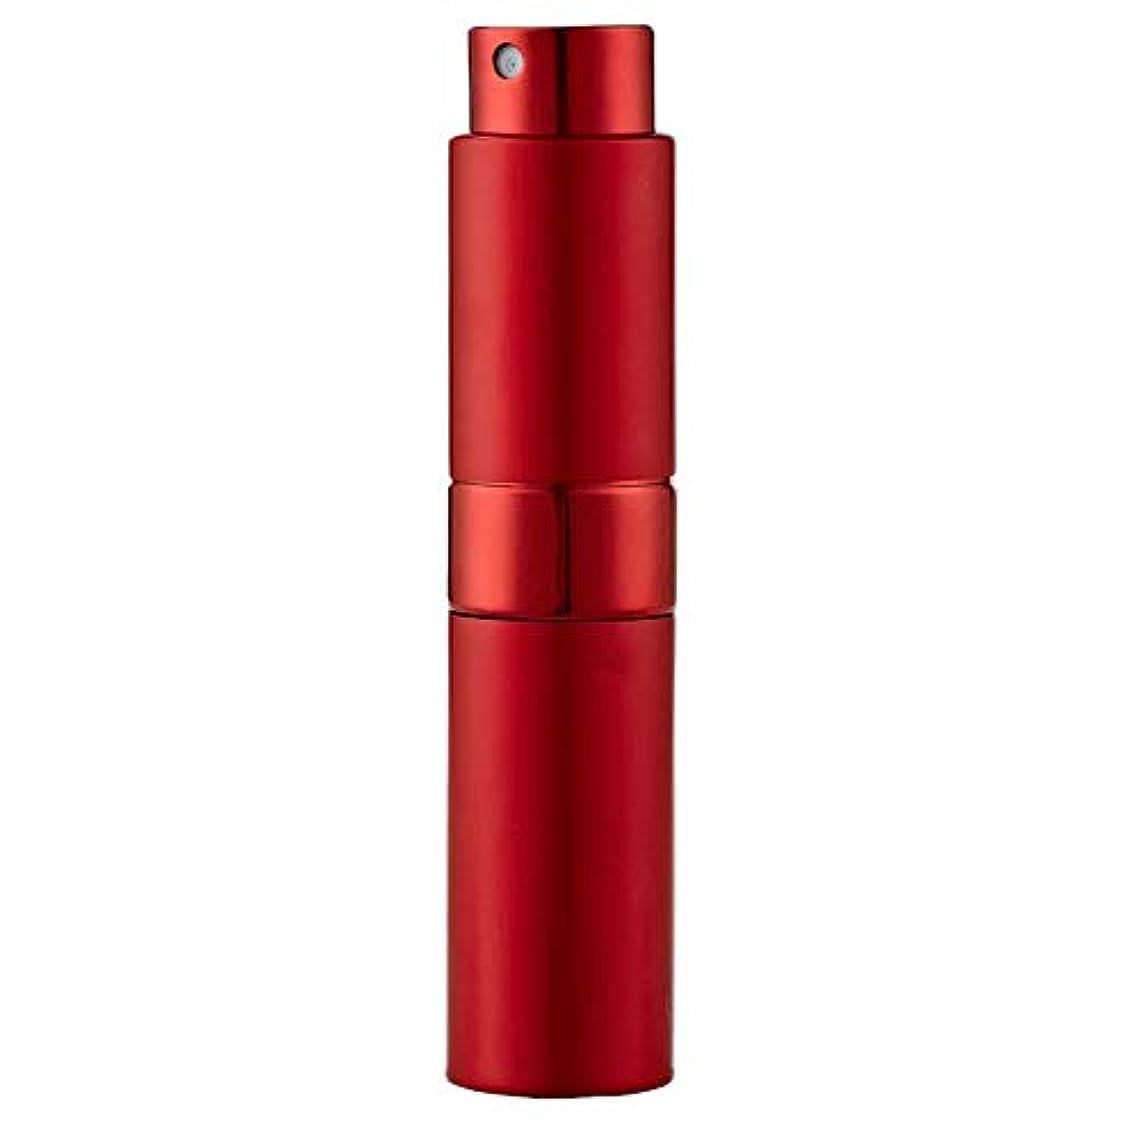 Ladygogo 香水アトマイザーセット 回転プッシュ式 スプレー ボトル 香水スプレー 詰め替え 持ち運び 身だしなみ 携帯用 男女兼用 (レッド)